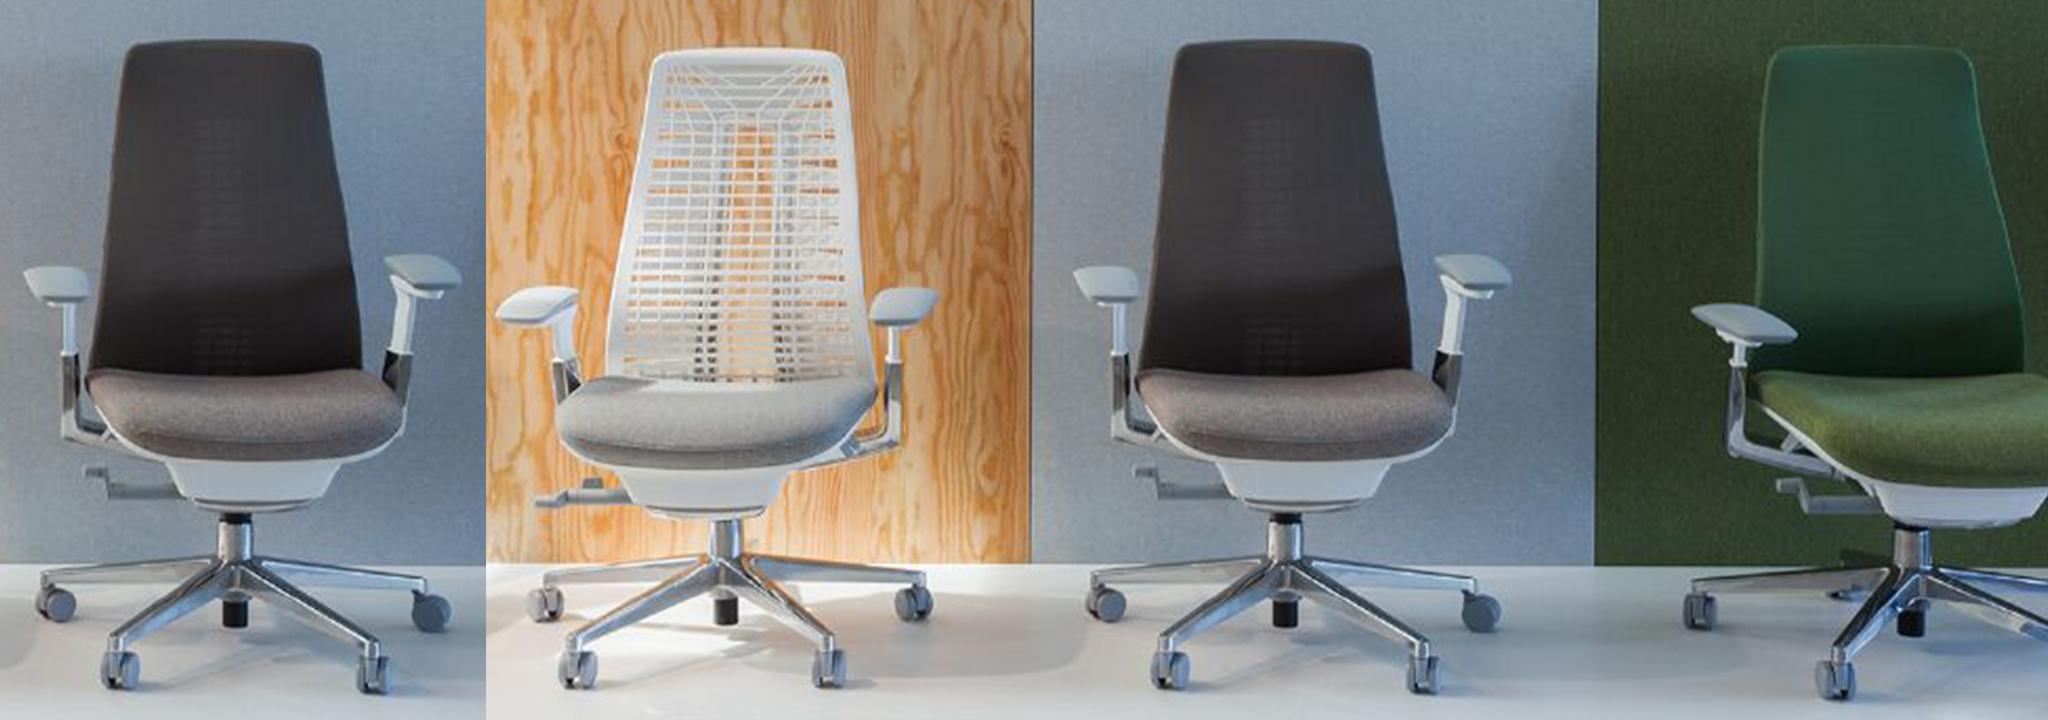 Ergonomische Bürostühle und Drehstühle - ALLTEC Bürokonzept